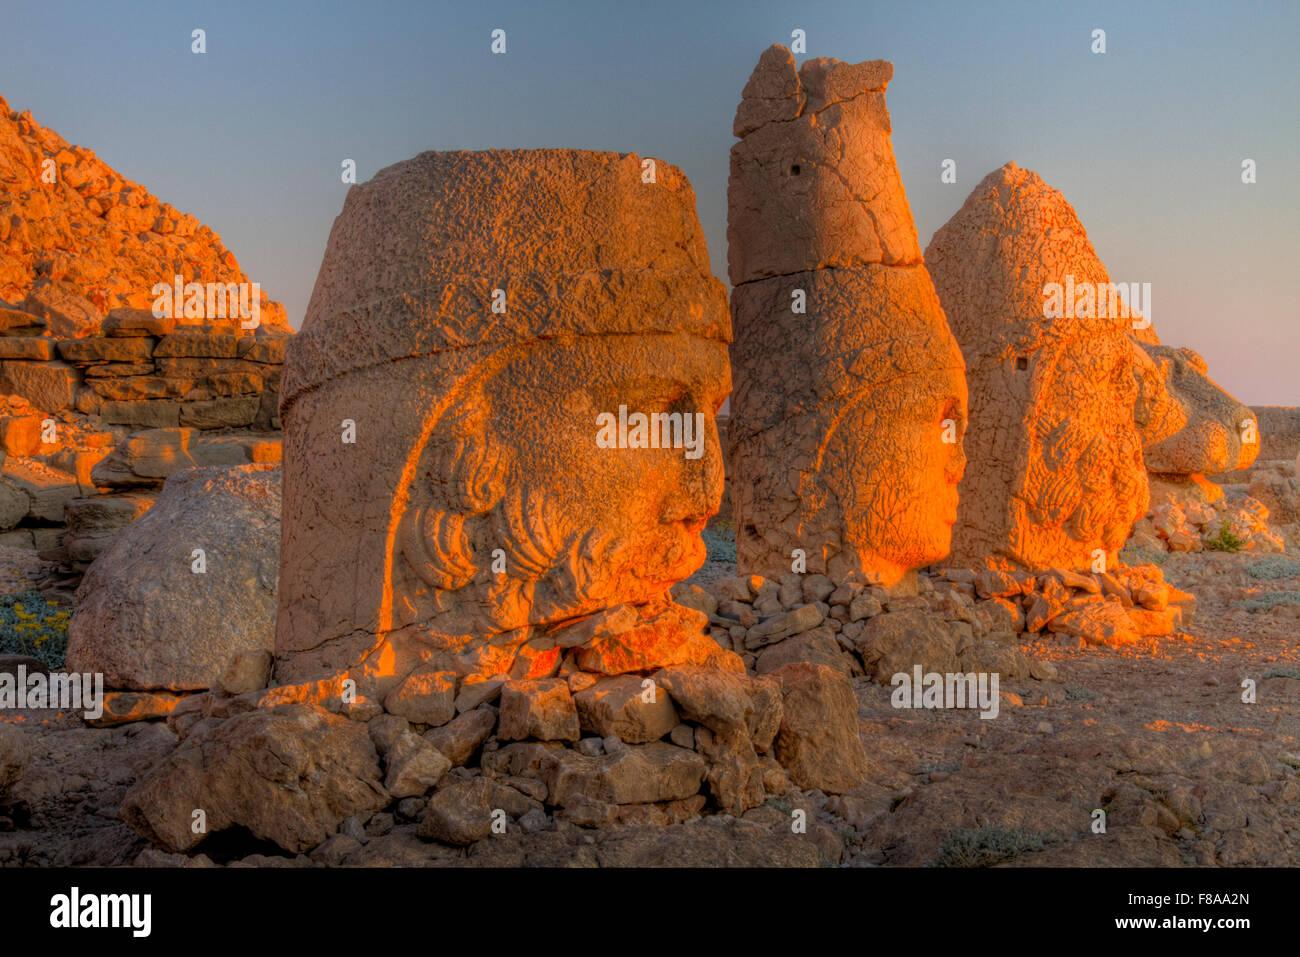 Enormes cabezas esculpidas, Mt. Nemrut National Park, Turquía, antiguos restos de más de 2000 años de cultura Commagene Foto de stock